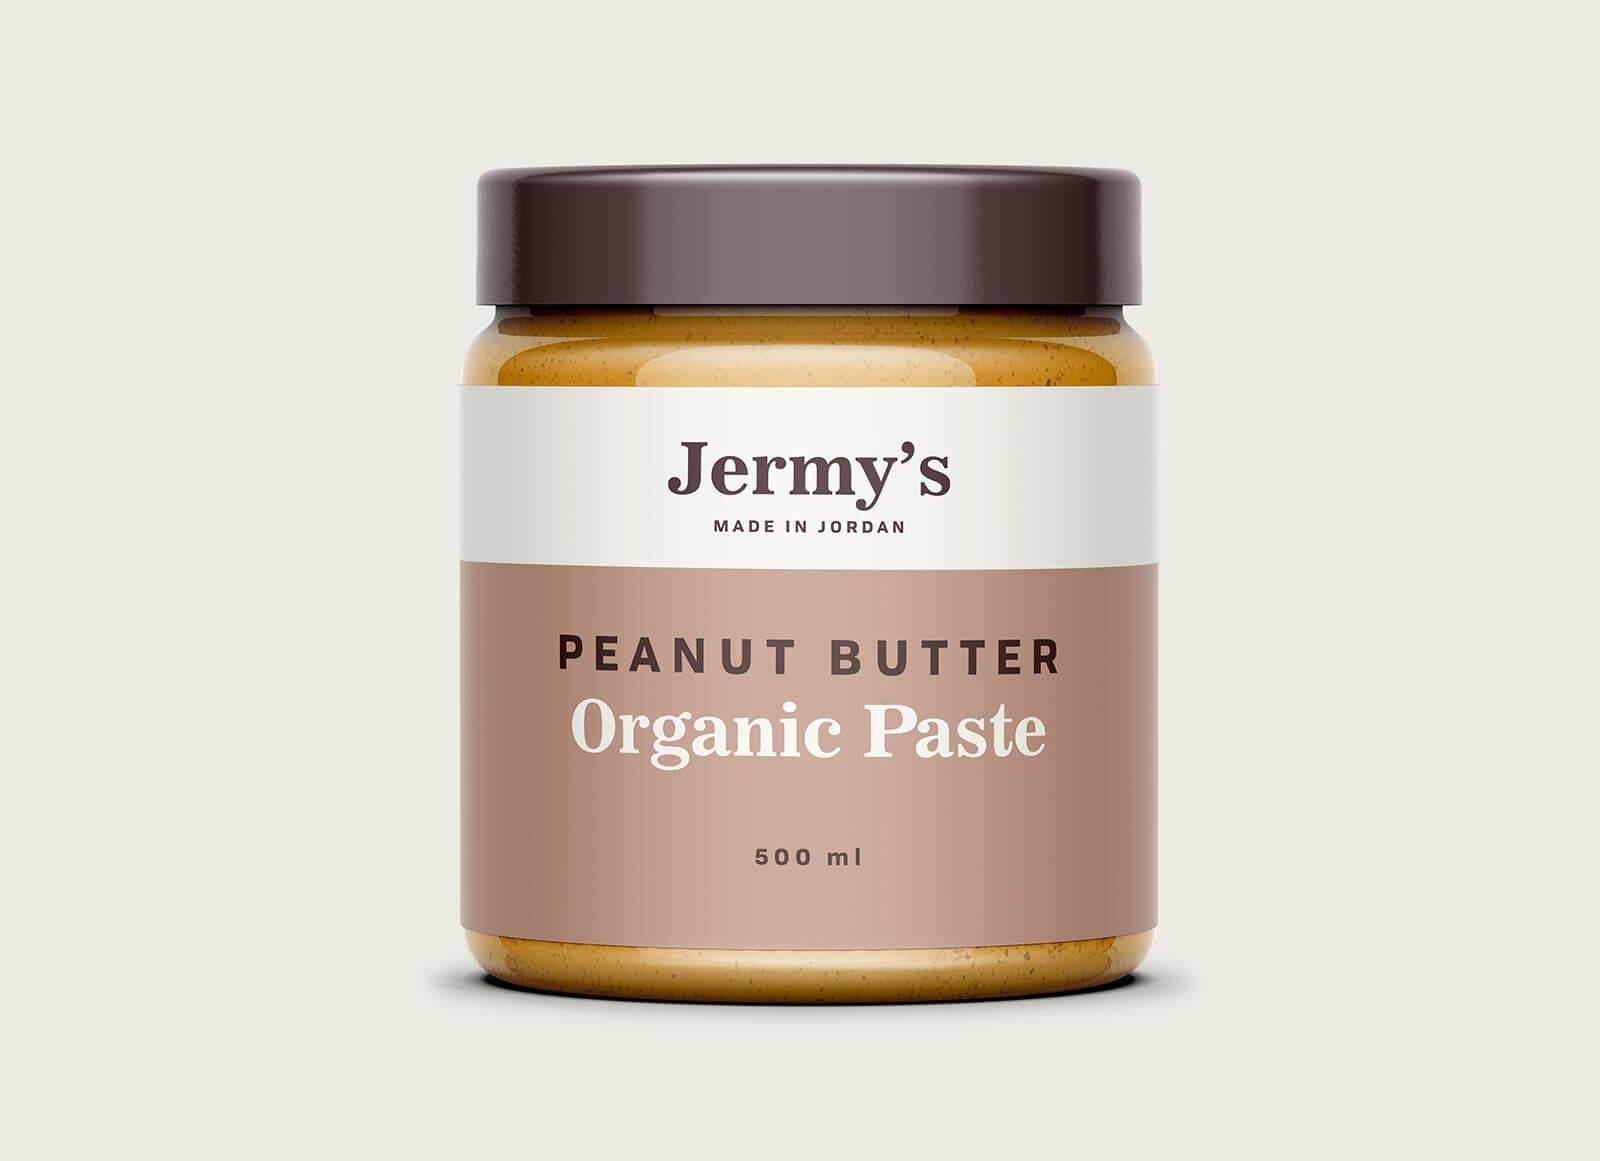 Free-500ml-Peanut-Butter-Glass-Jar-Mockup-PSD